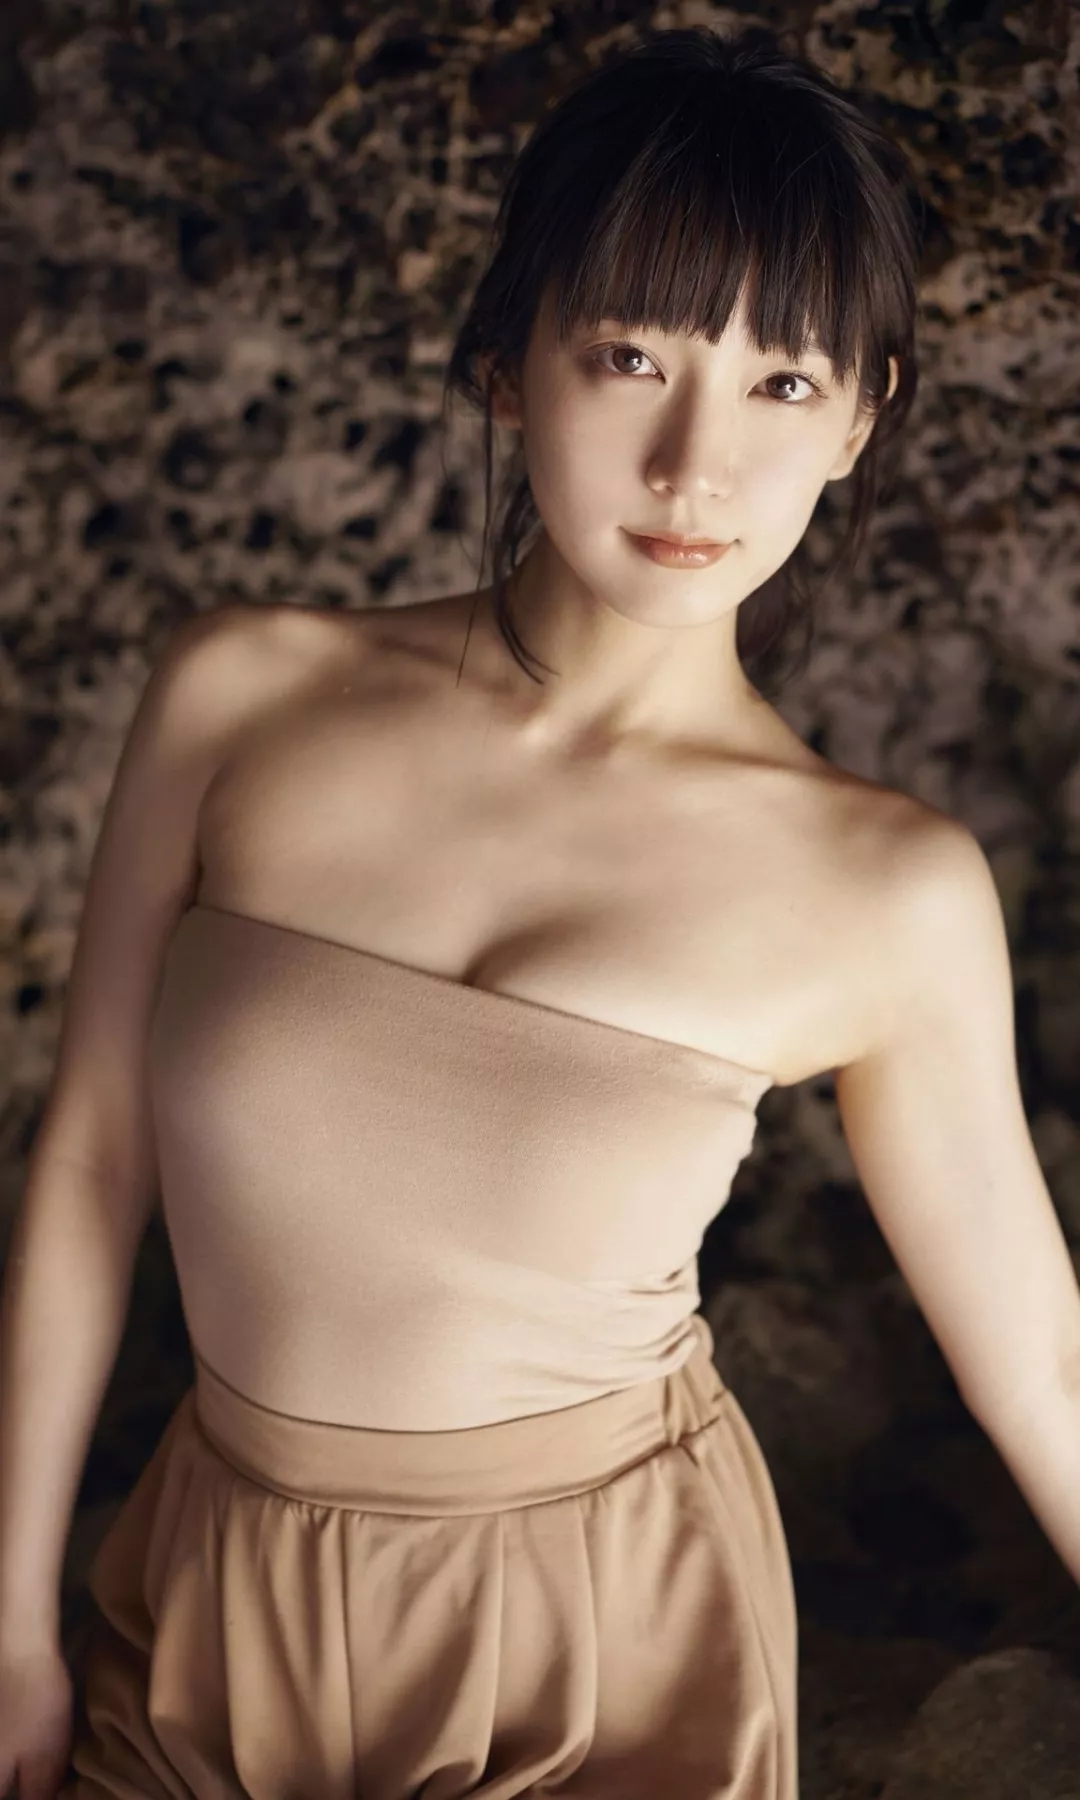 吉冈里帆 写真集Riho (19)